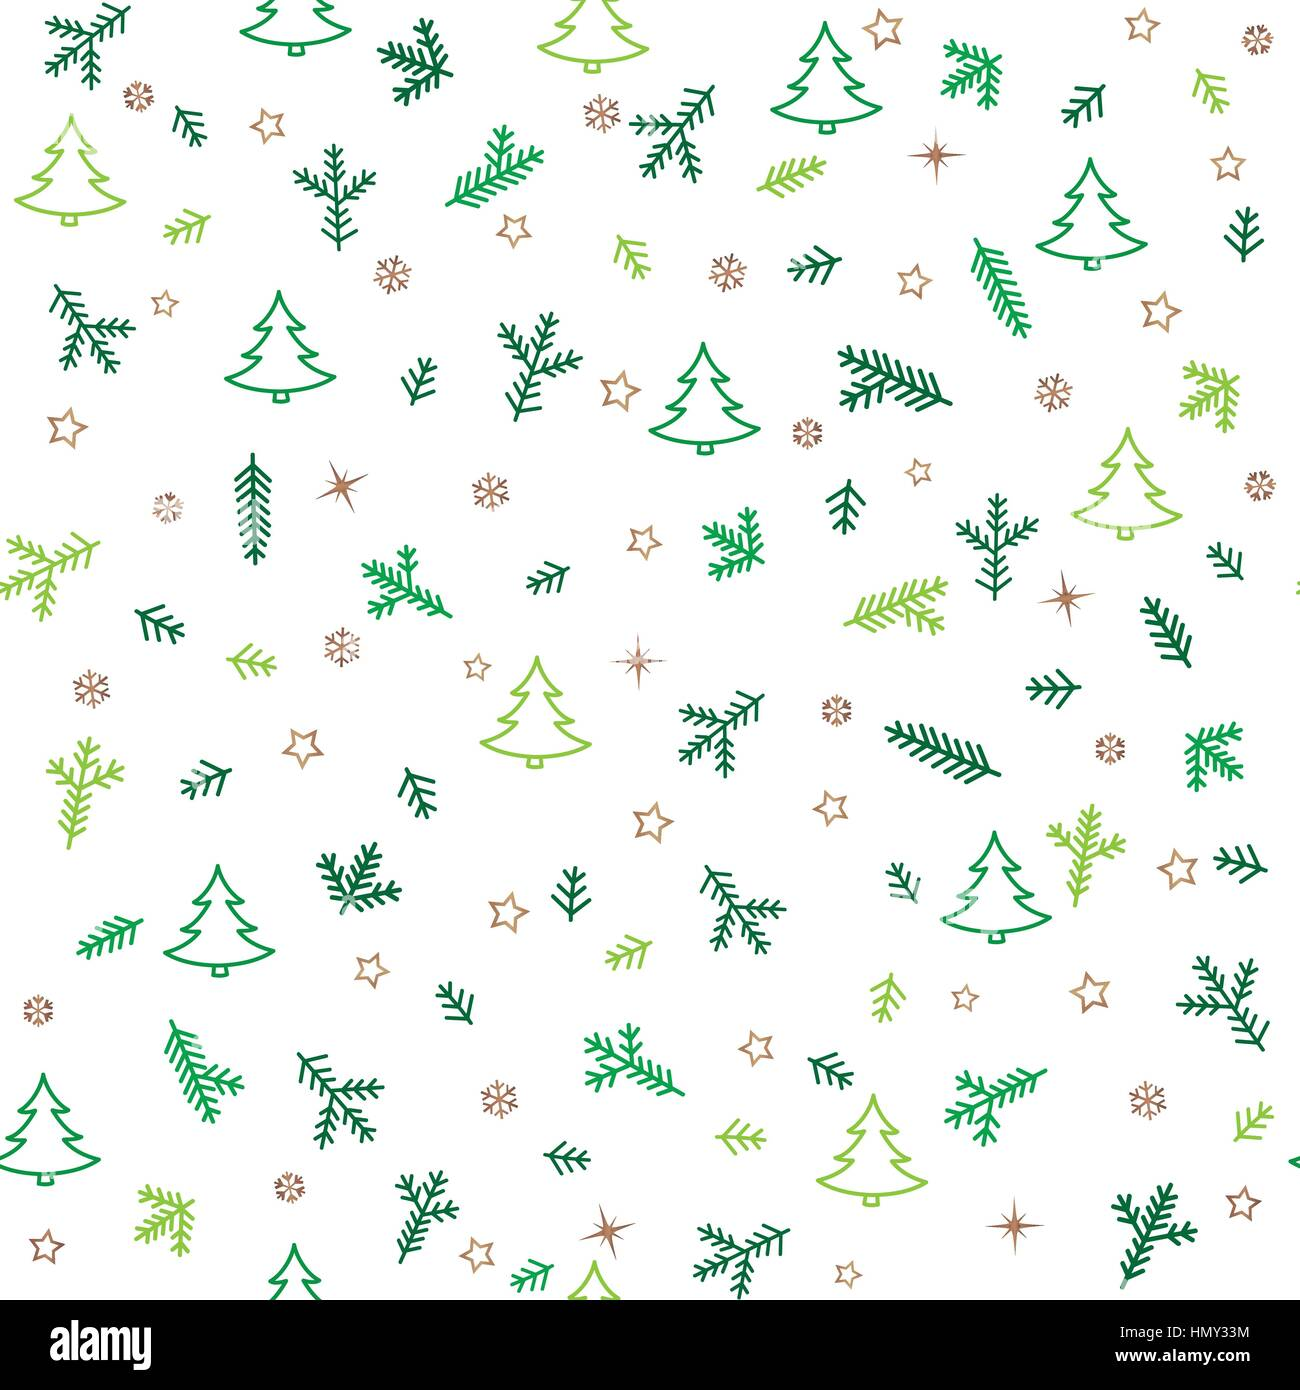 Weihnachten Icons nahtlose Muster mit neuen Jahr Baum, Schnee und ...